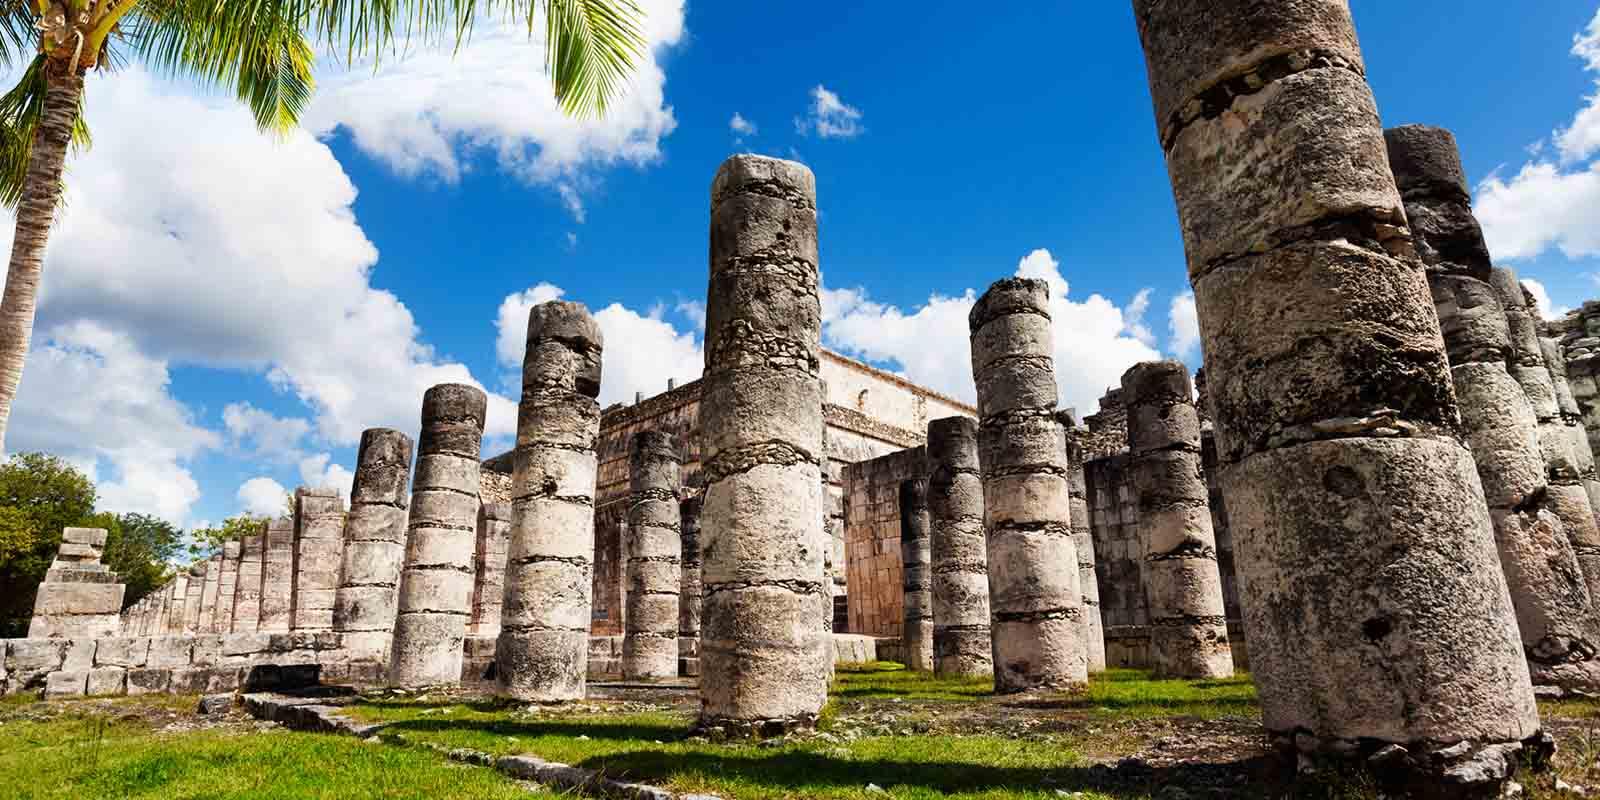 Tour Aereo Chichen Itza Templo de los Guerreros y las Mil Columnas